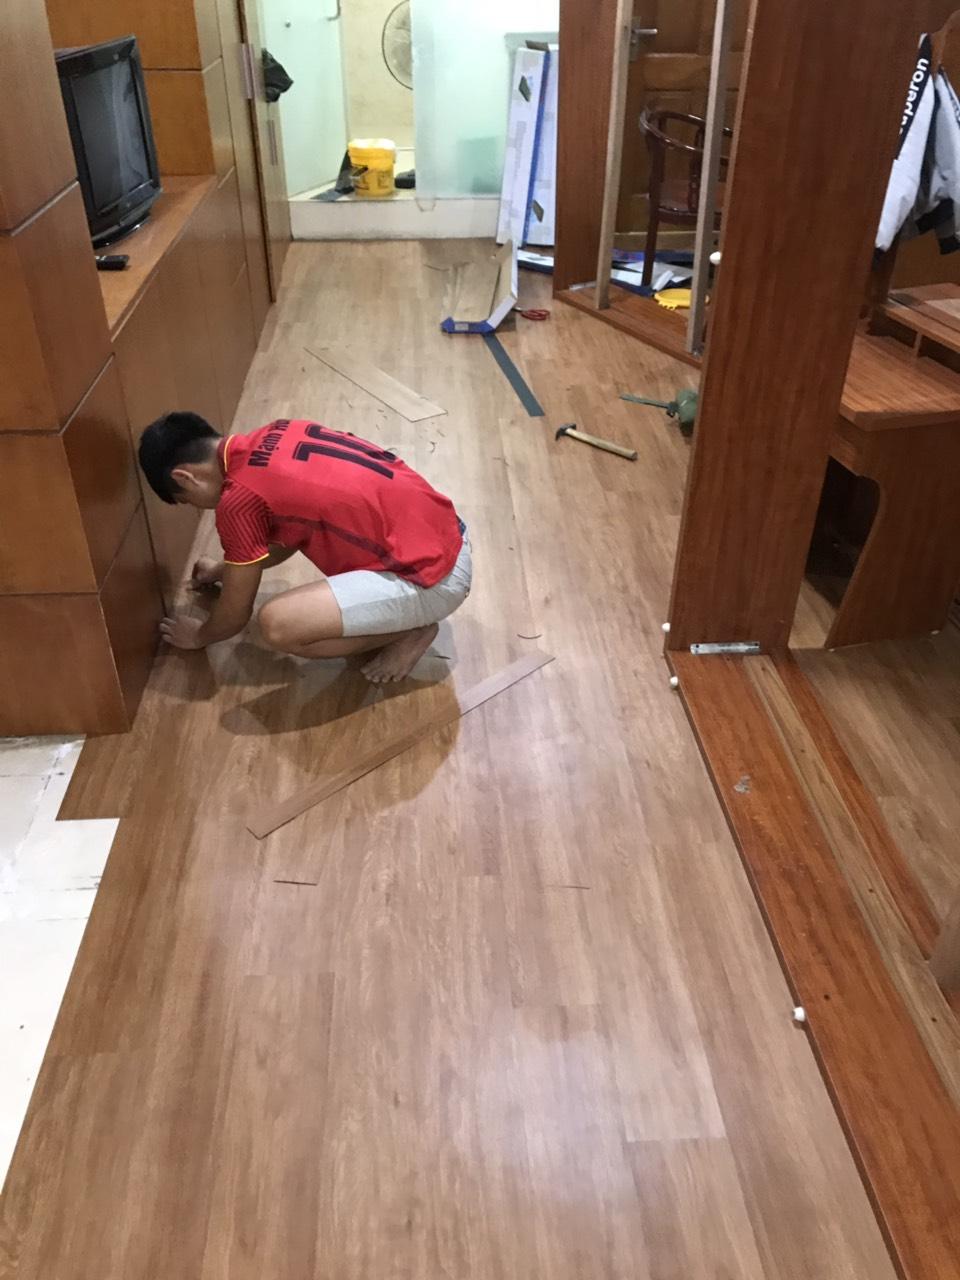 bảo hành sàn gỗ công nghiệp hà nội, thơ bảo hành sàn gỗ , dịch vụ bảo hành sàn gỗ hà nội